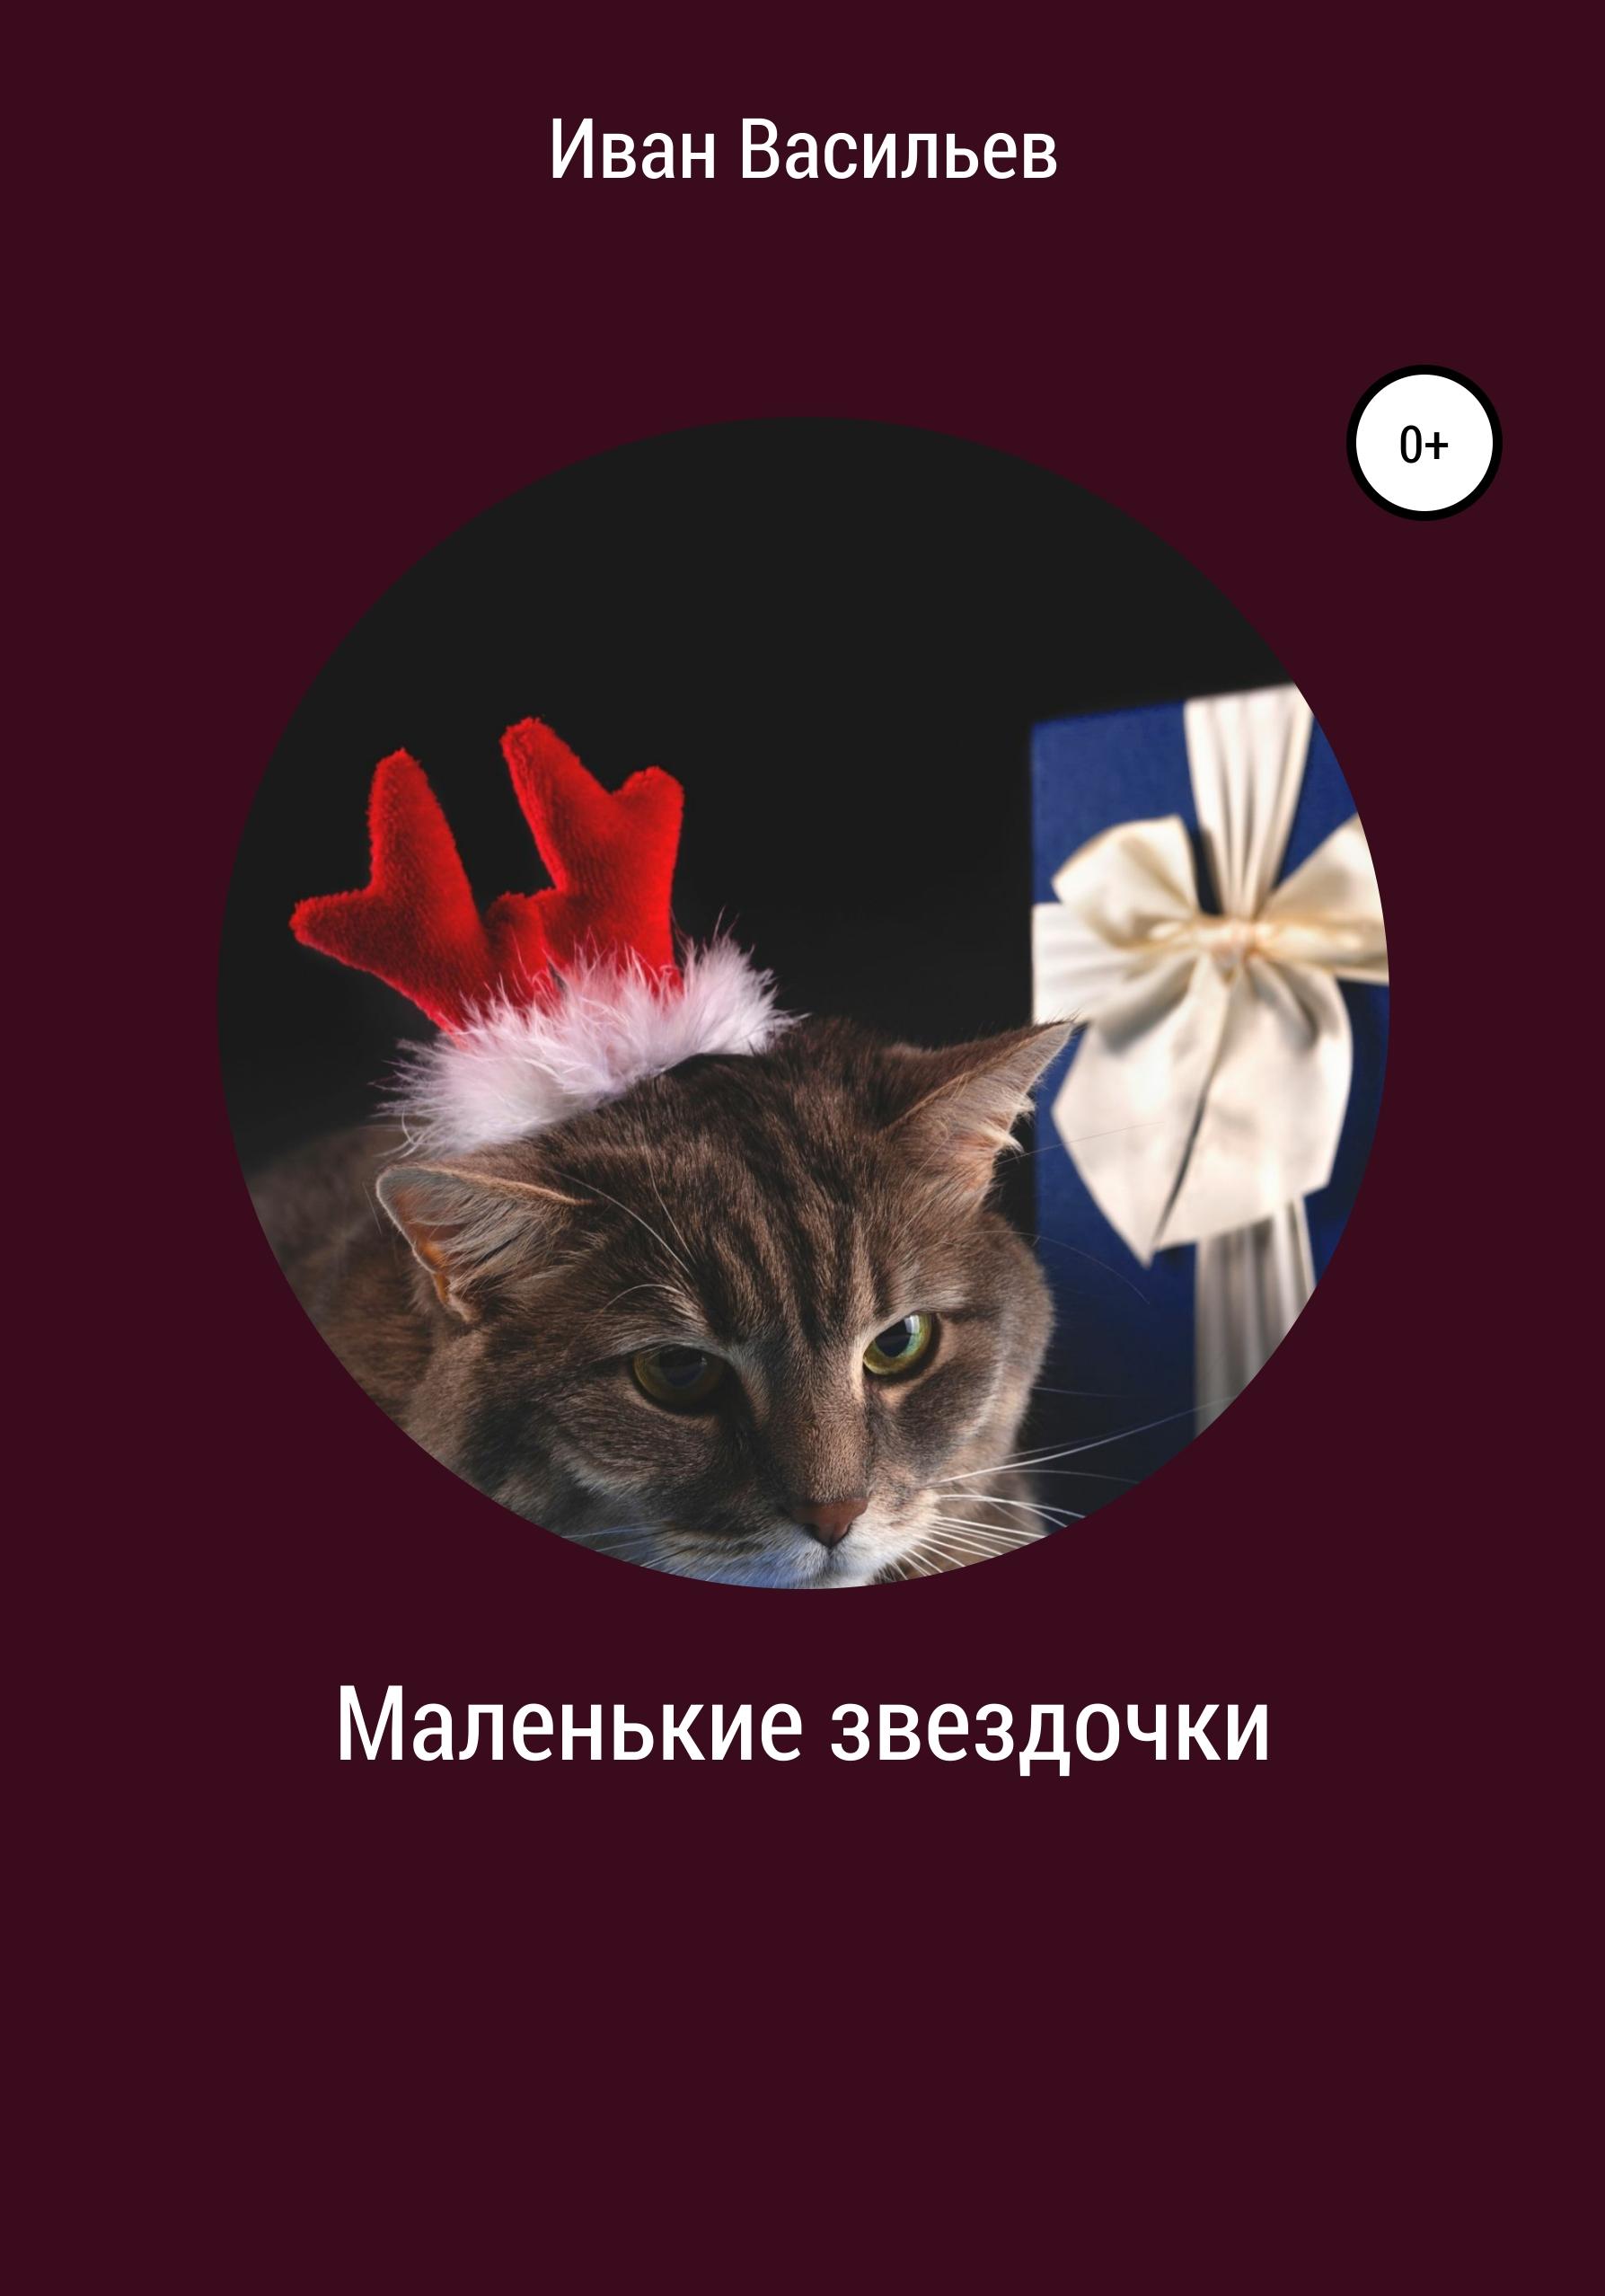 Купить книгу Маленькие звездочки, автора Ивана Васильева